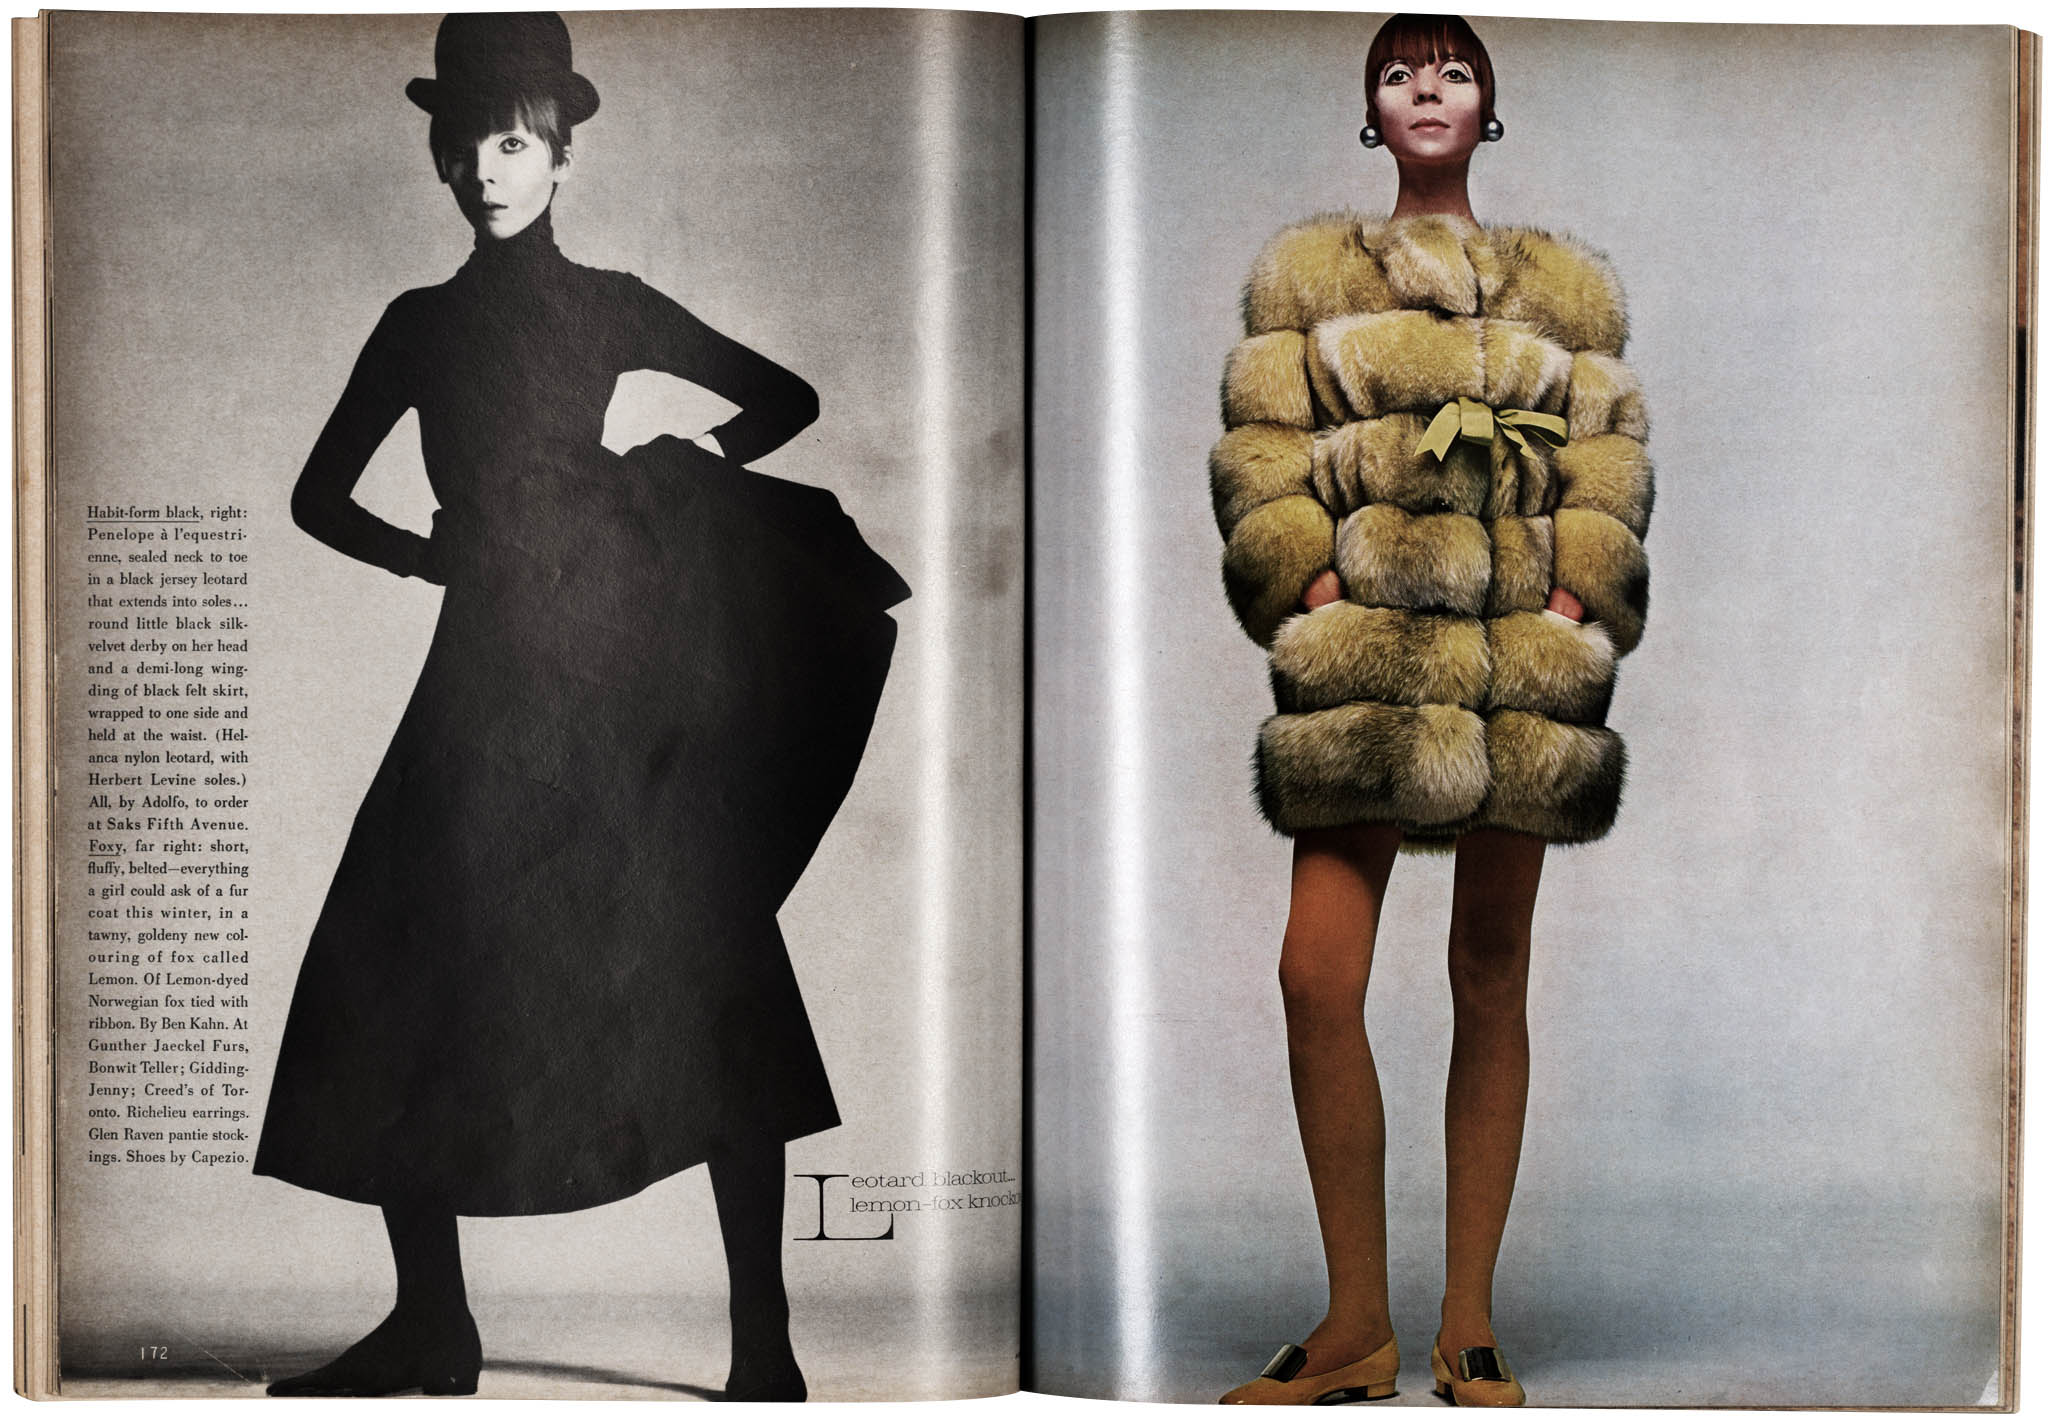 Vogue_10_1967_Spread_p172-173_Ap.jpg